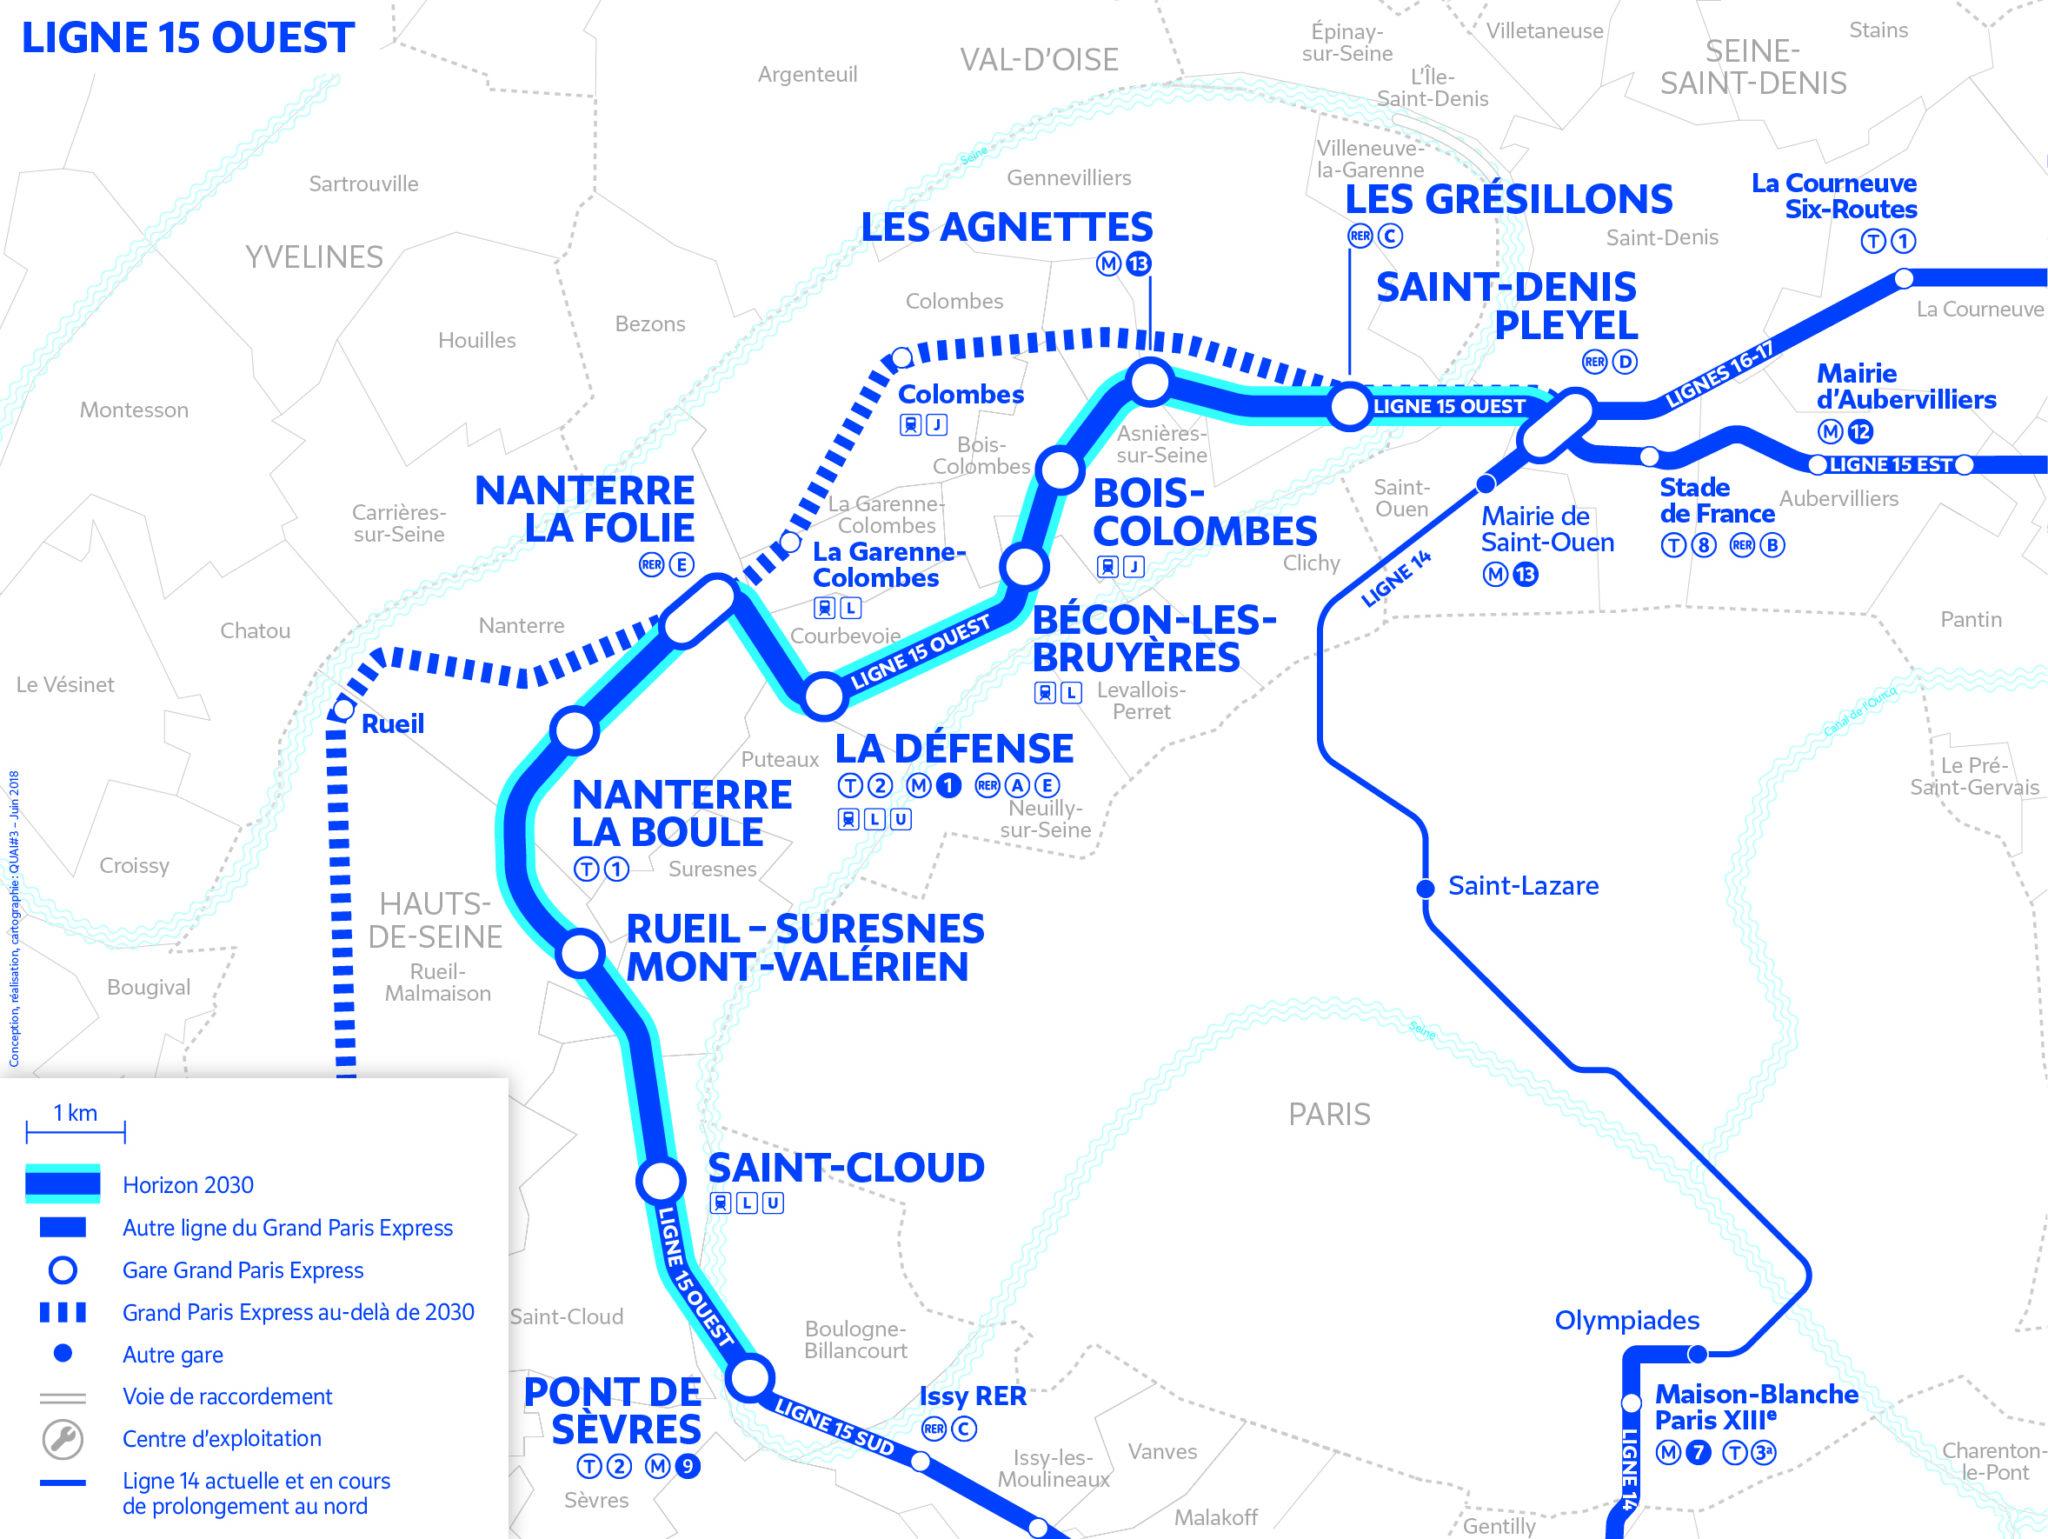 Line 15 West – Grand Paris Express